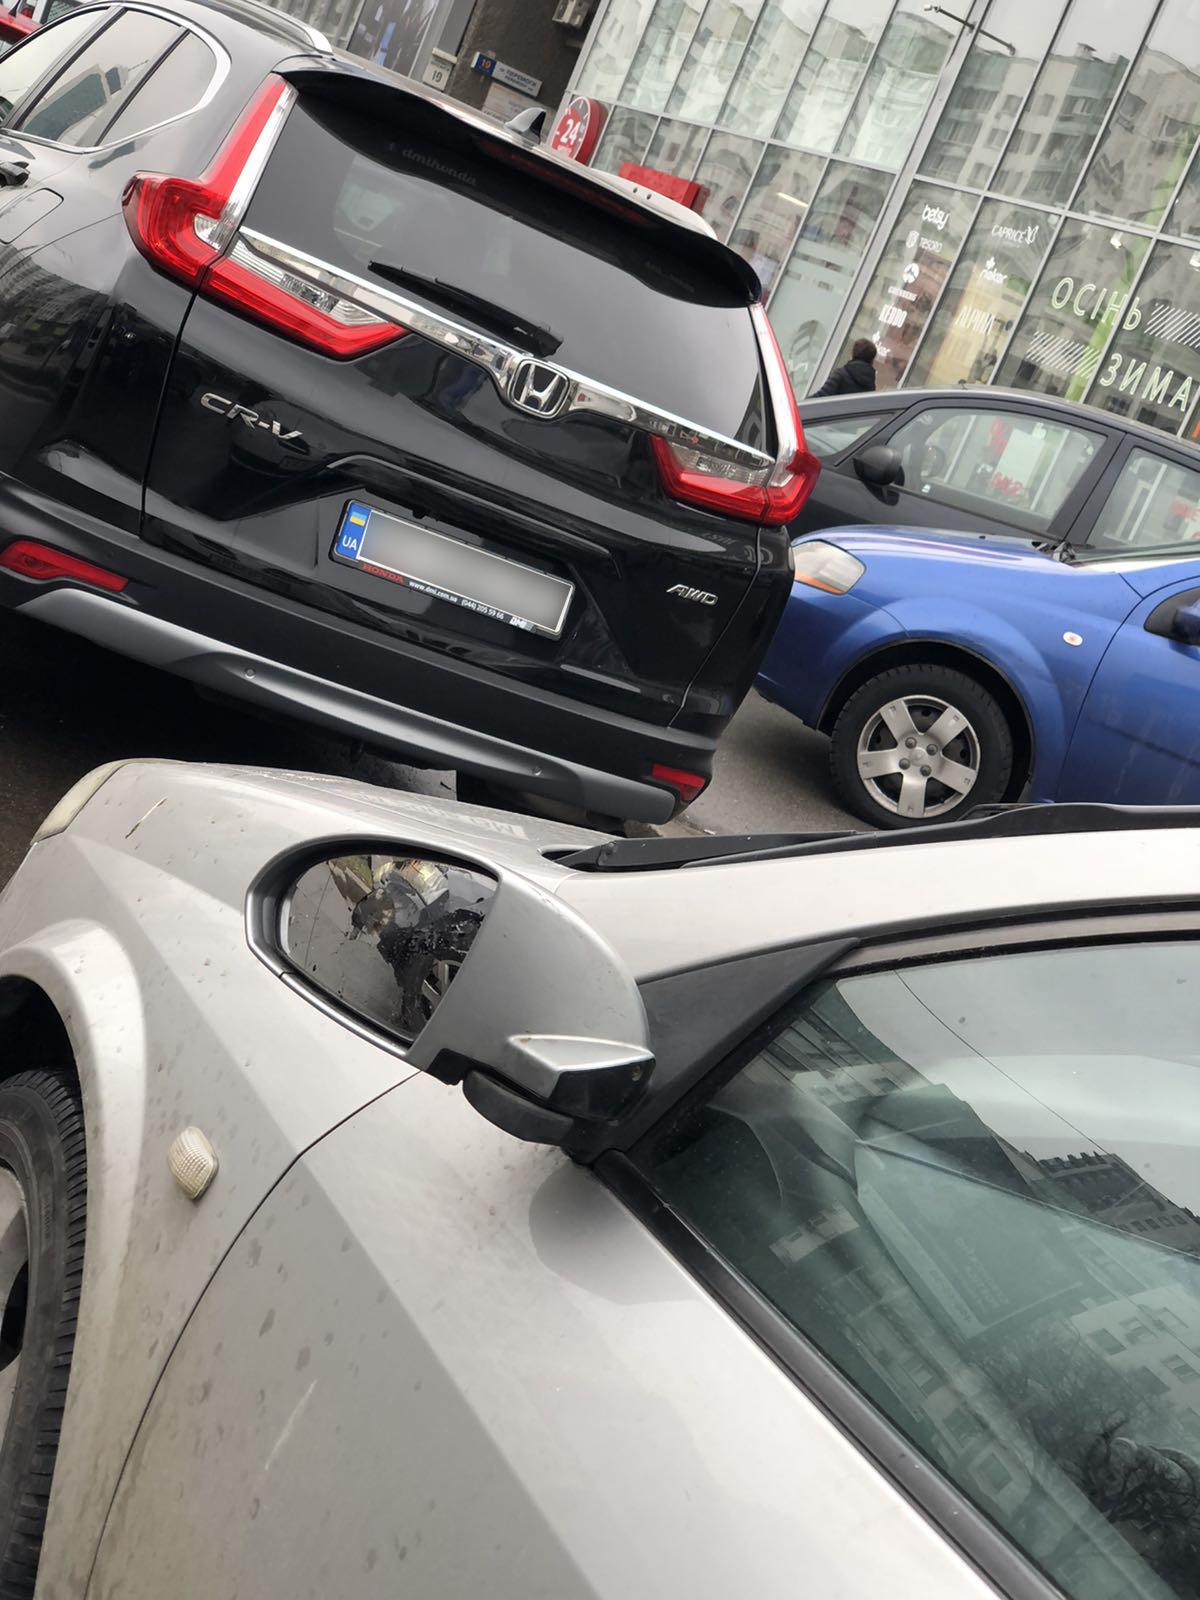 На проспекте Победы возле КПИ неизвестные выломали зеркала у автомобилей